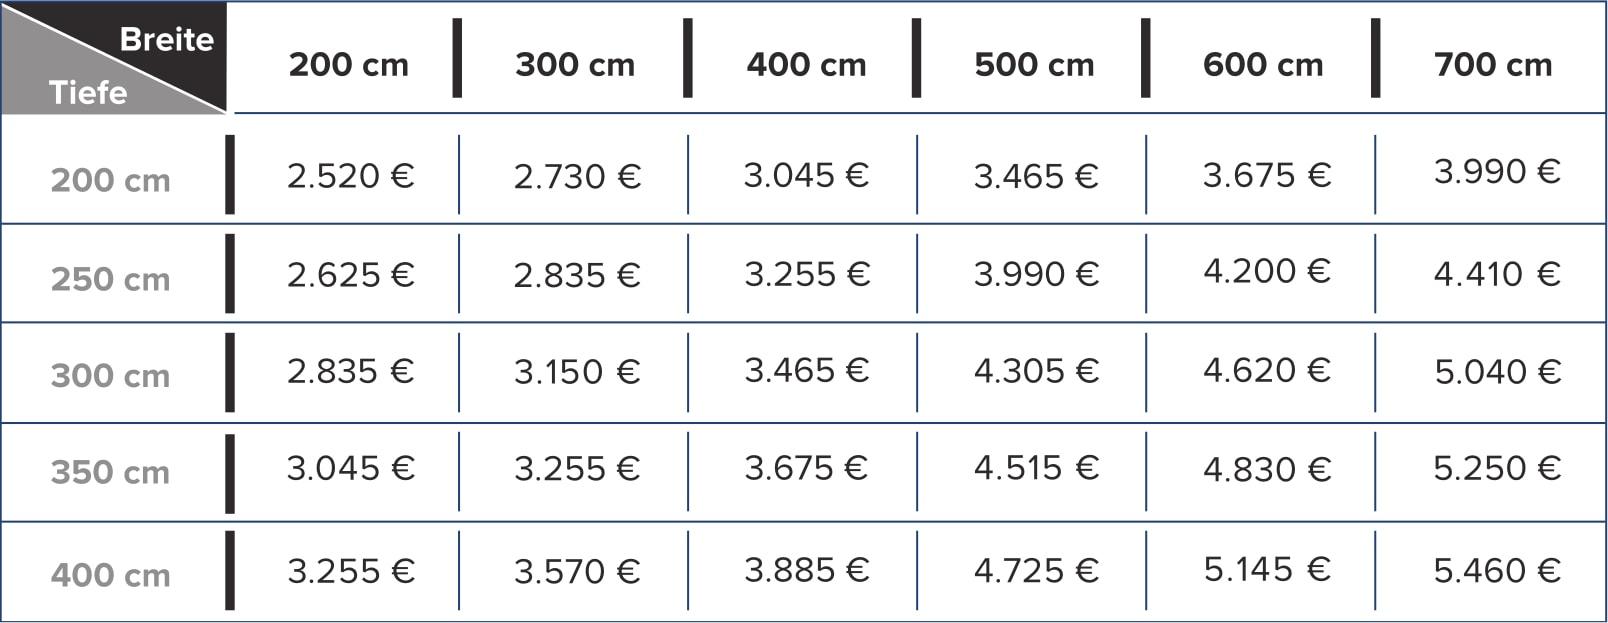 Preisliste Poly 05.2021 - Die von uns verarbeiteten Materialien sind kratz-, stoß- und korrosionsgeschützt.Rechts einige Beispiele unserer Terrassenüberdachungen.